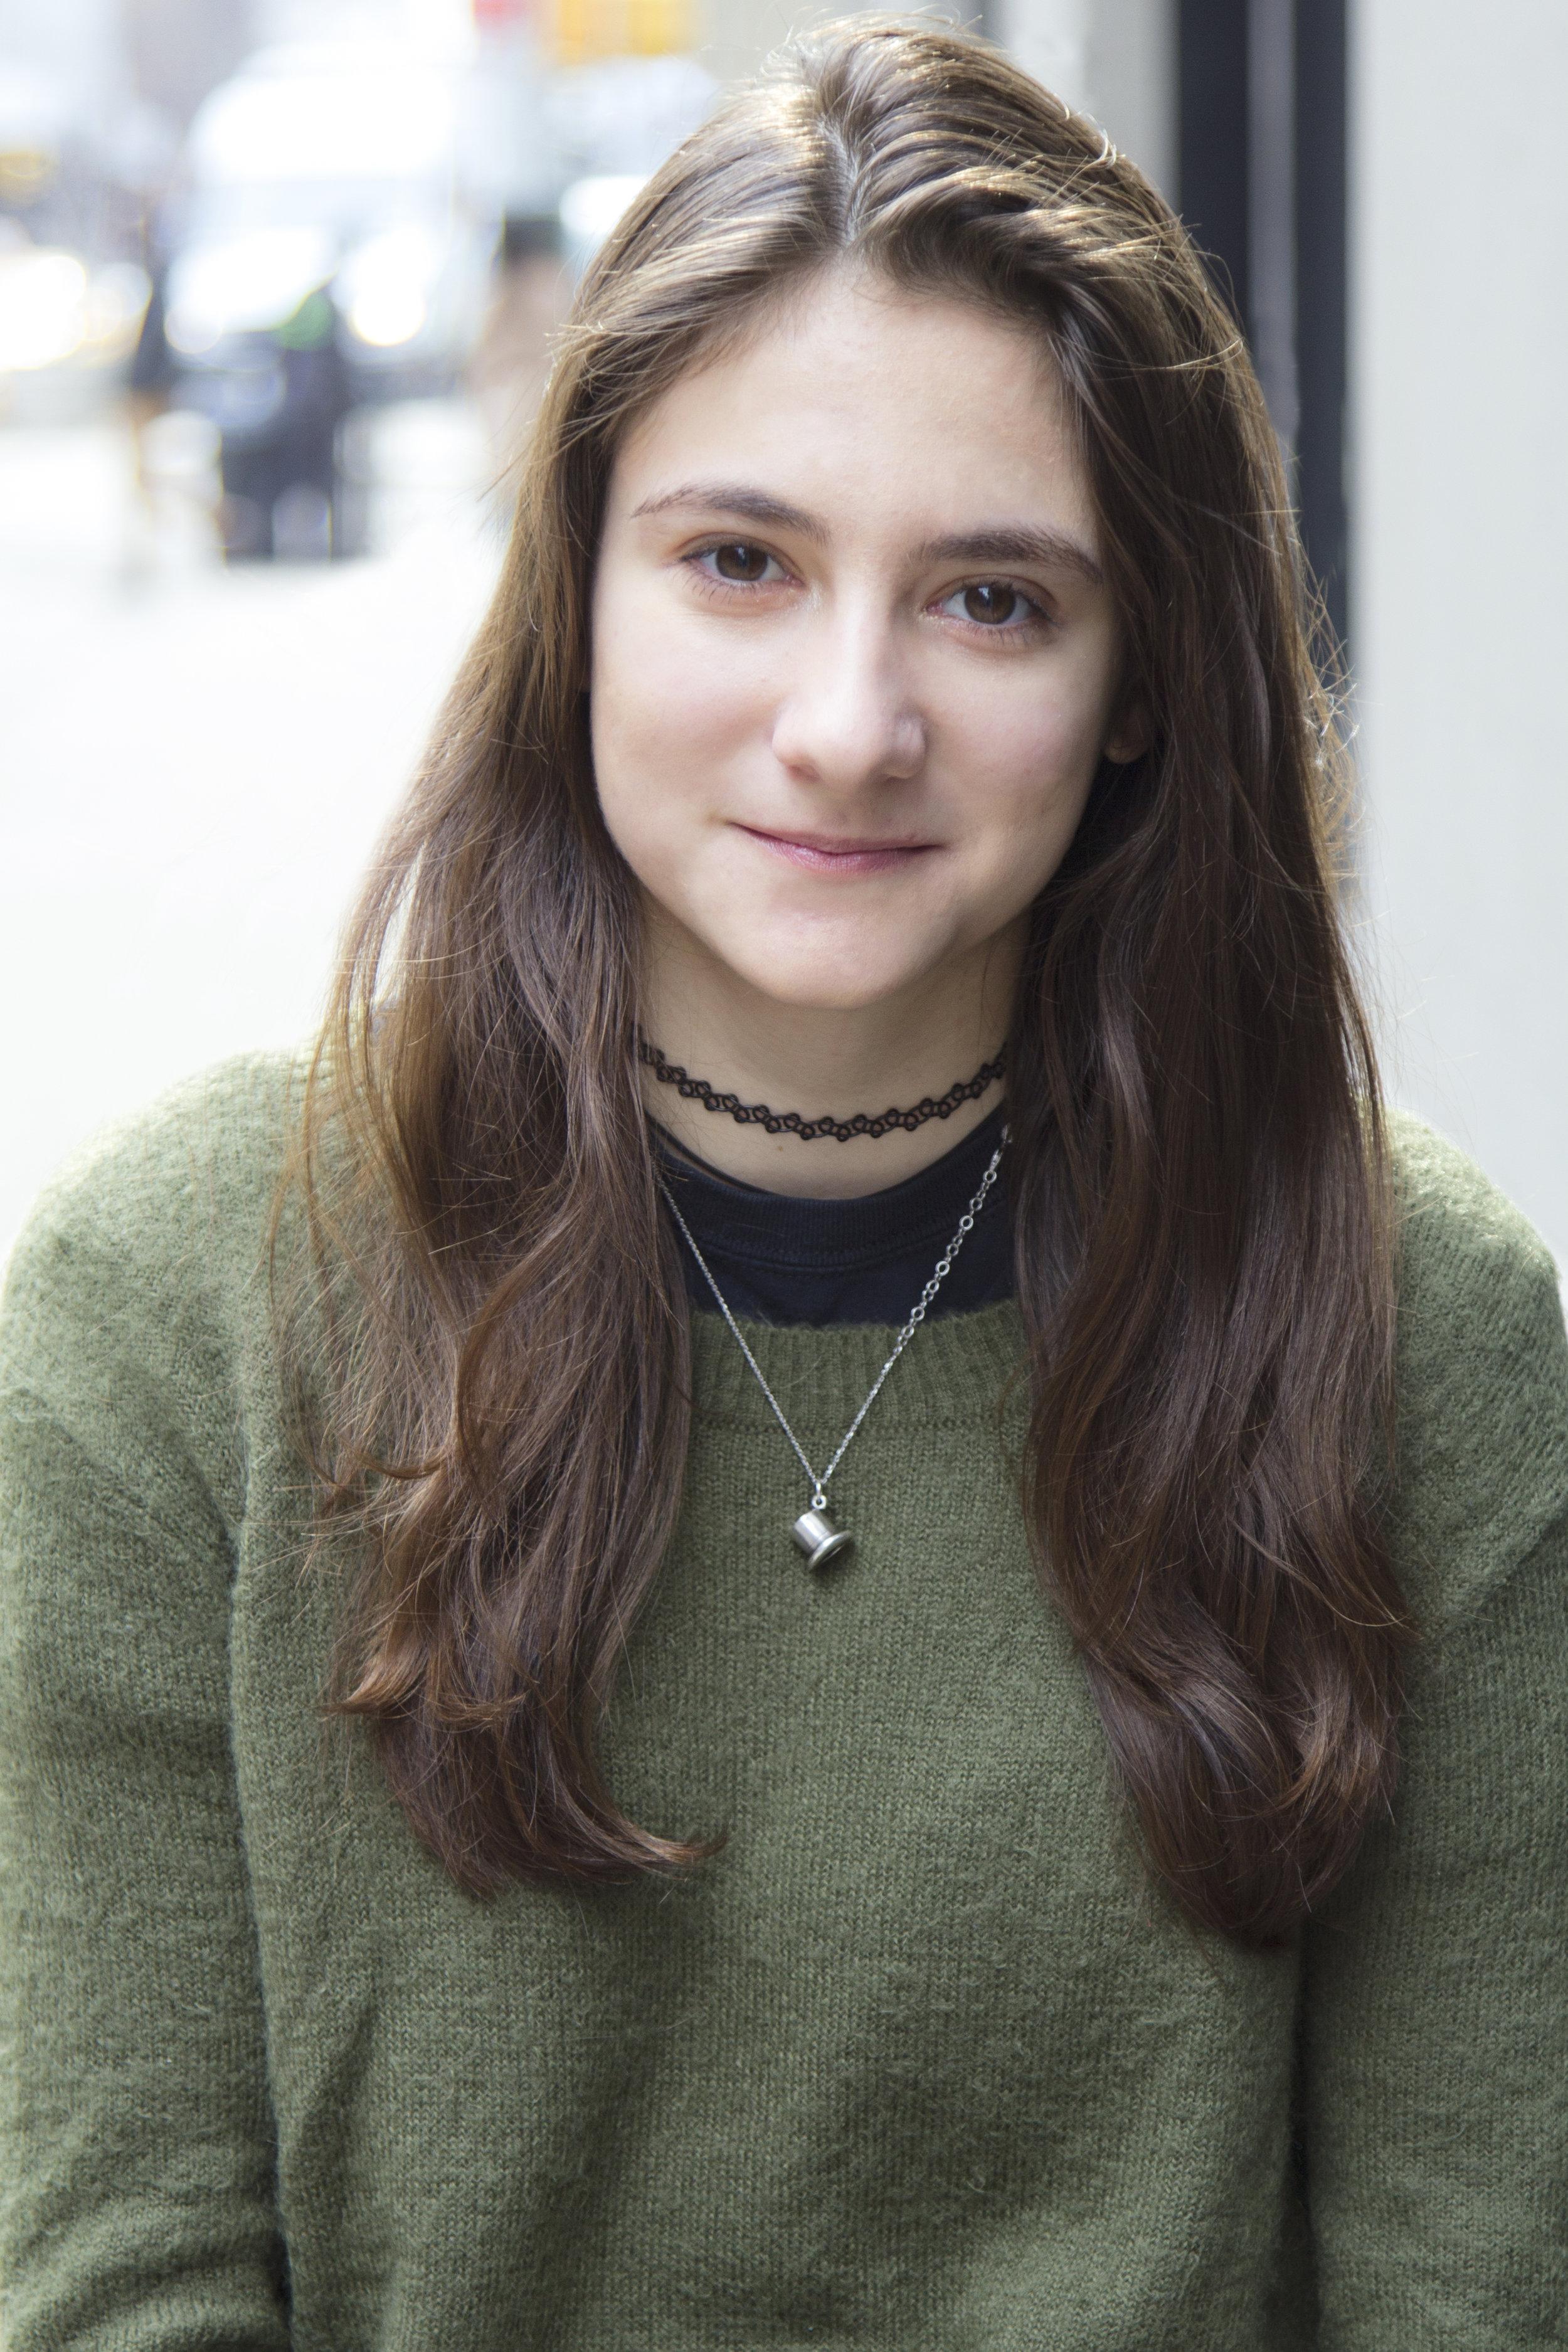 Gabrielle Giacomo